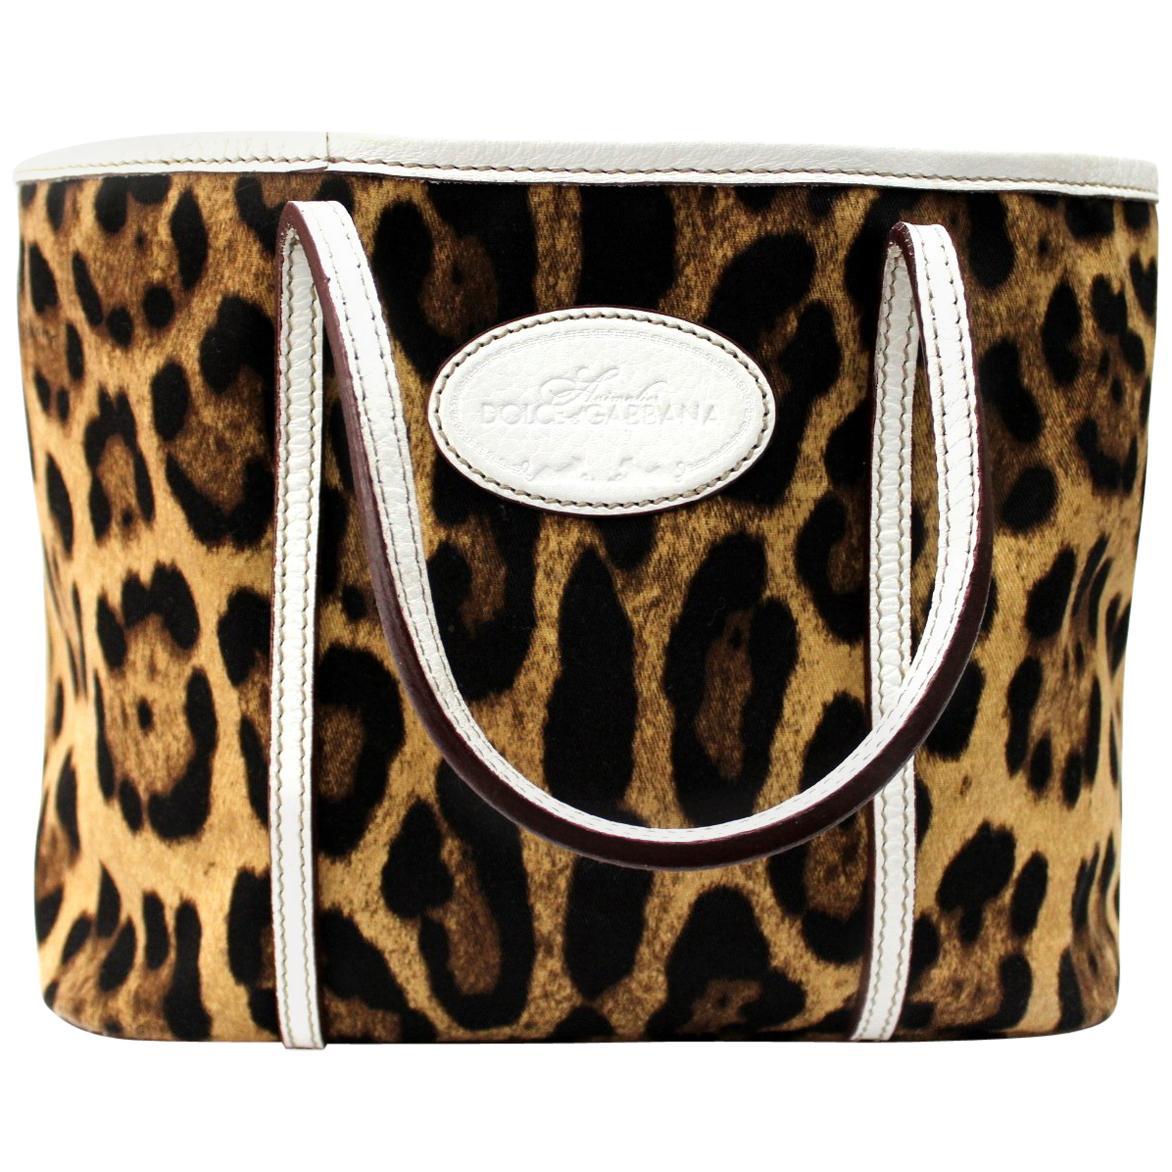 Dolce&Gabbana Maculata Bag